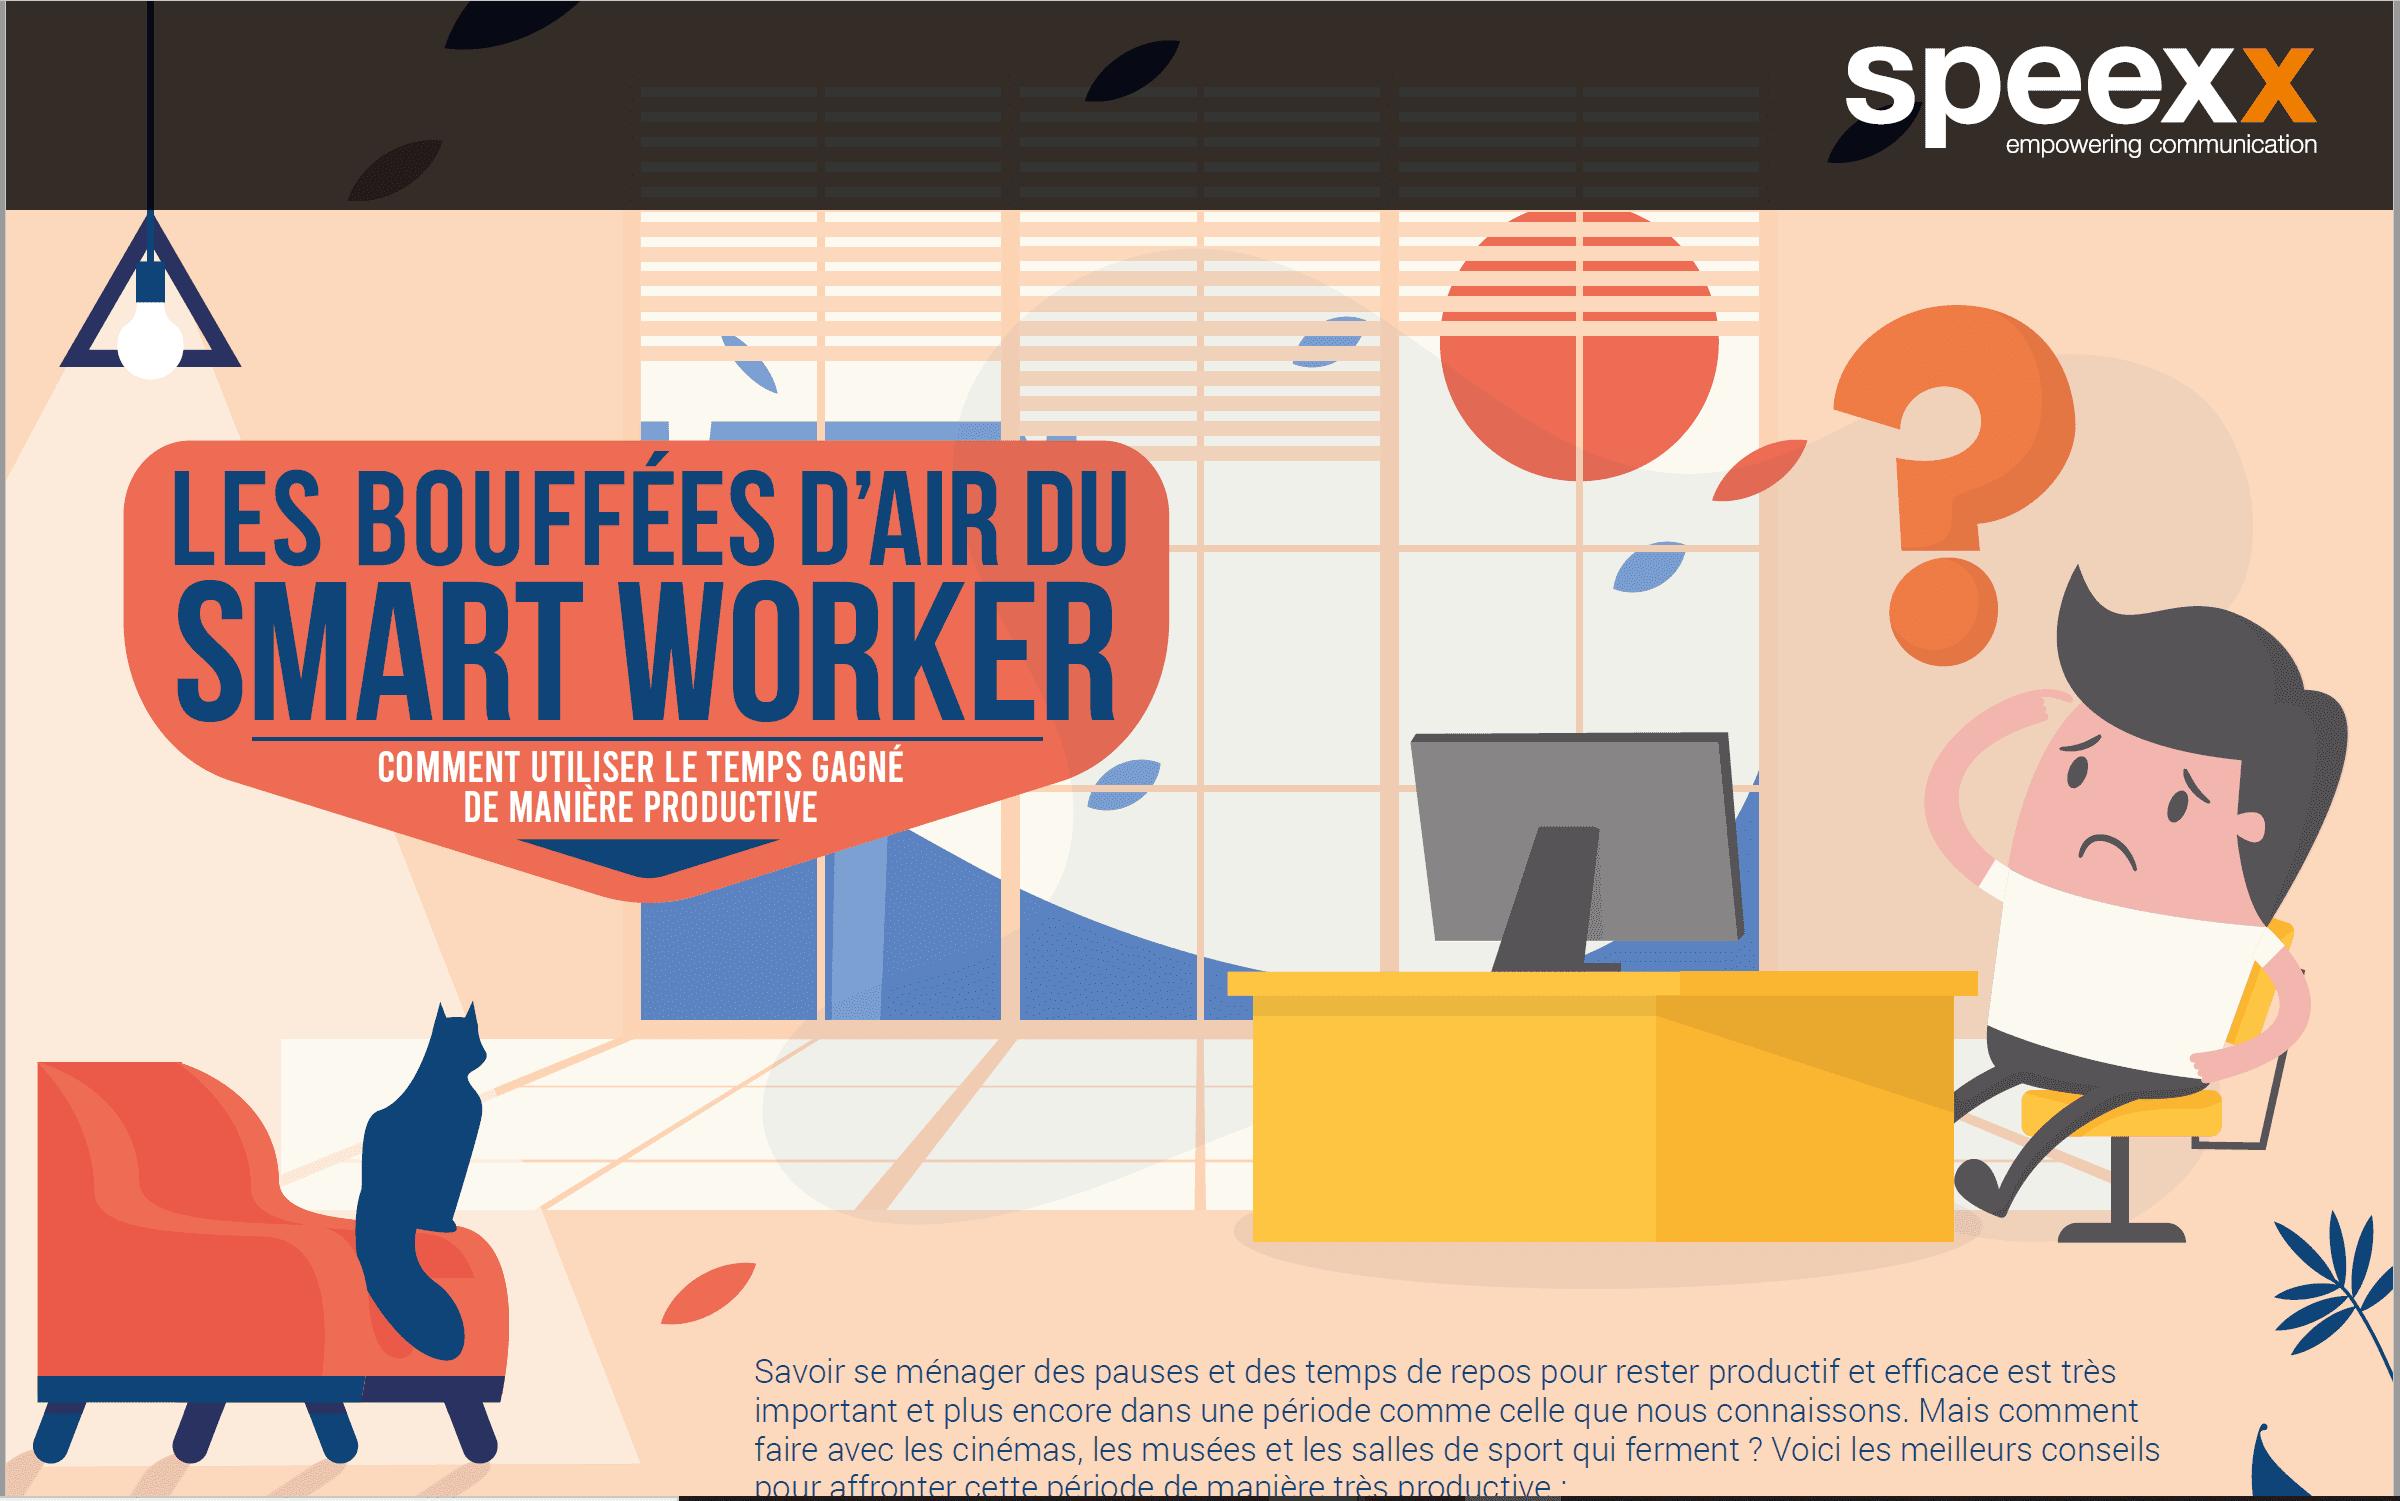 Image : Les bouffées d'air du smartworker